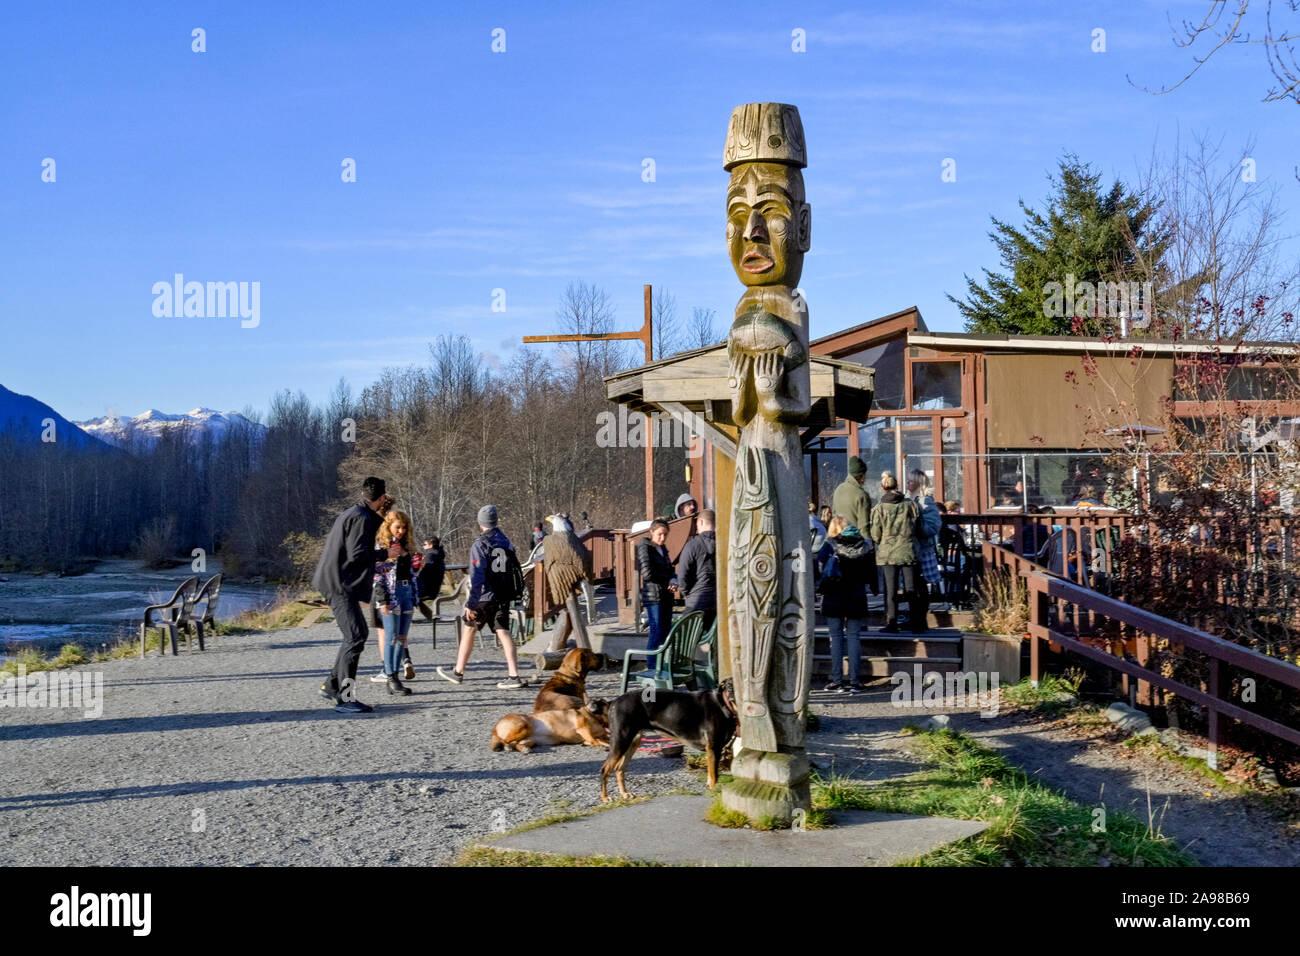 Il Totem Pole, benvenuti la figura, Eagle Run trail, Brackendale, British Columbia, Canada Foto Stock